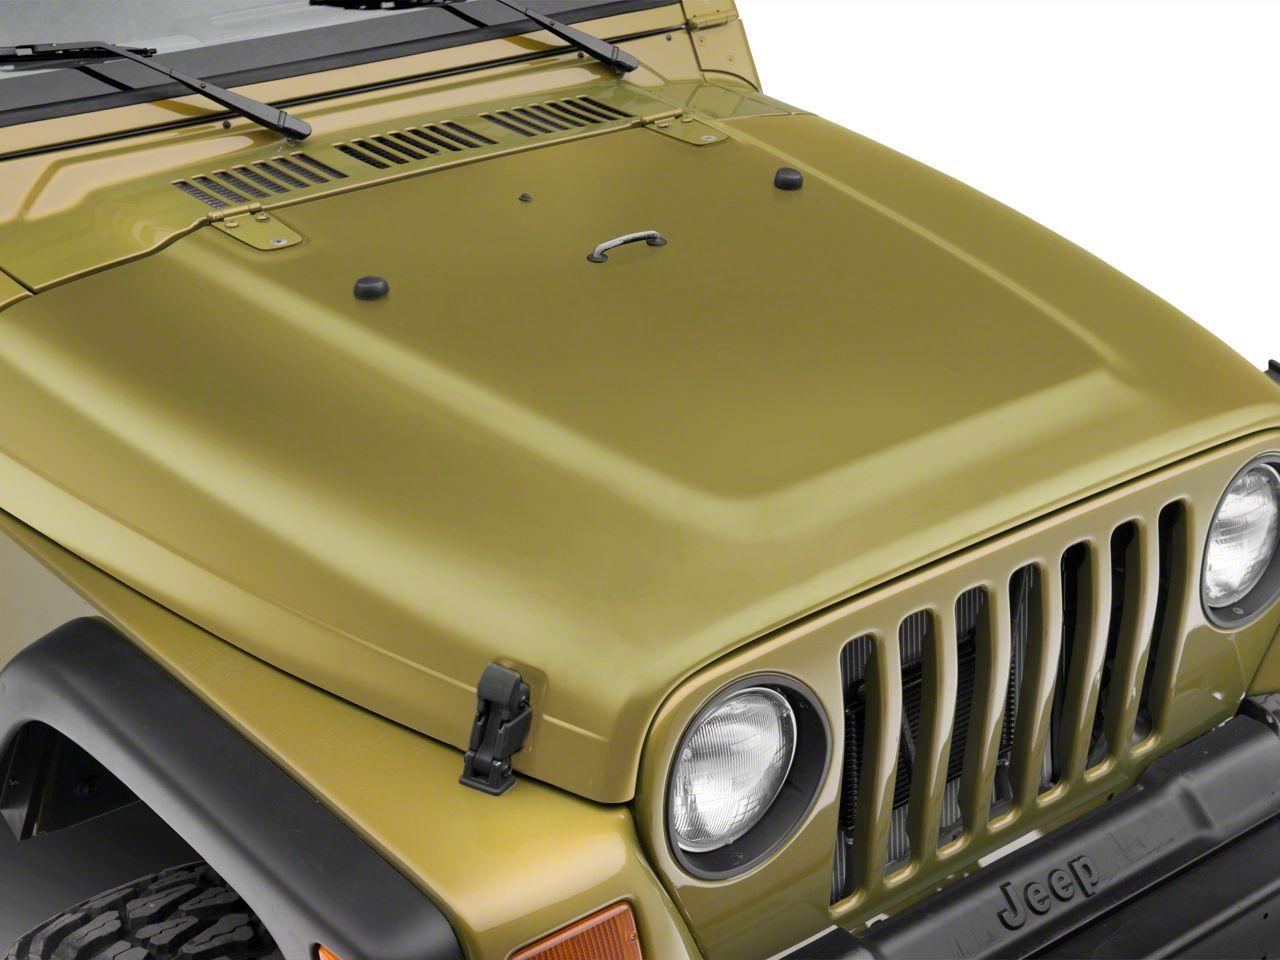 Hood - Unpainted (97-06 Jeep Wrangler TJ)